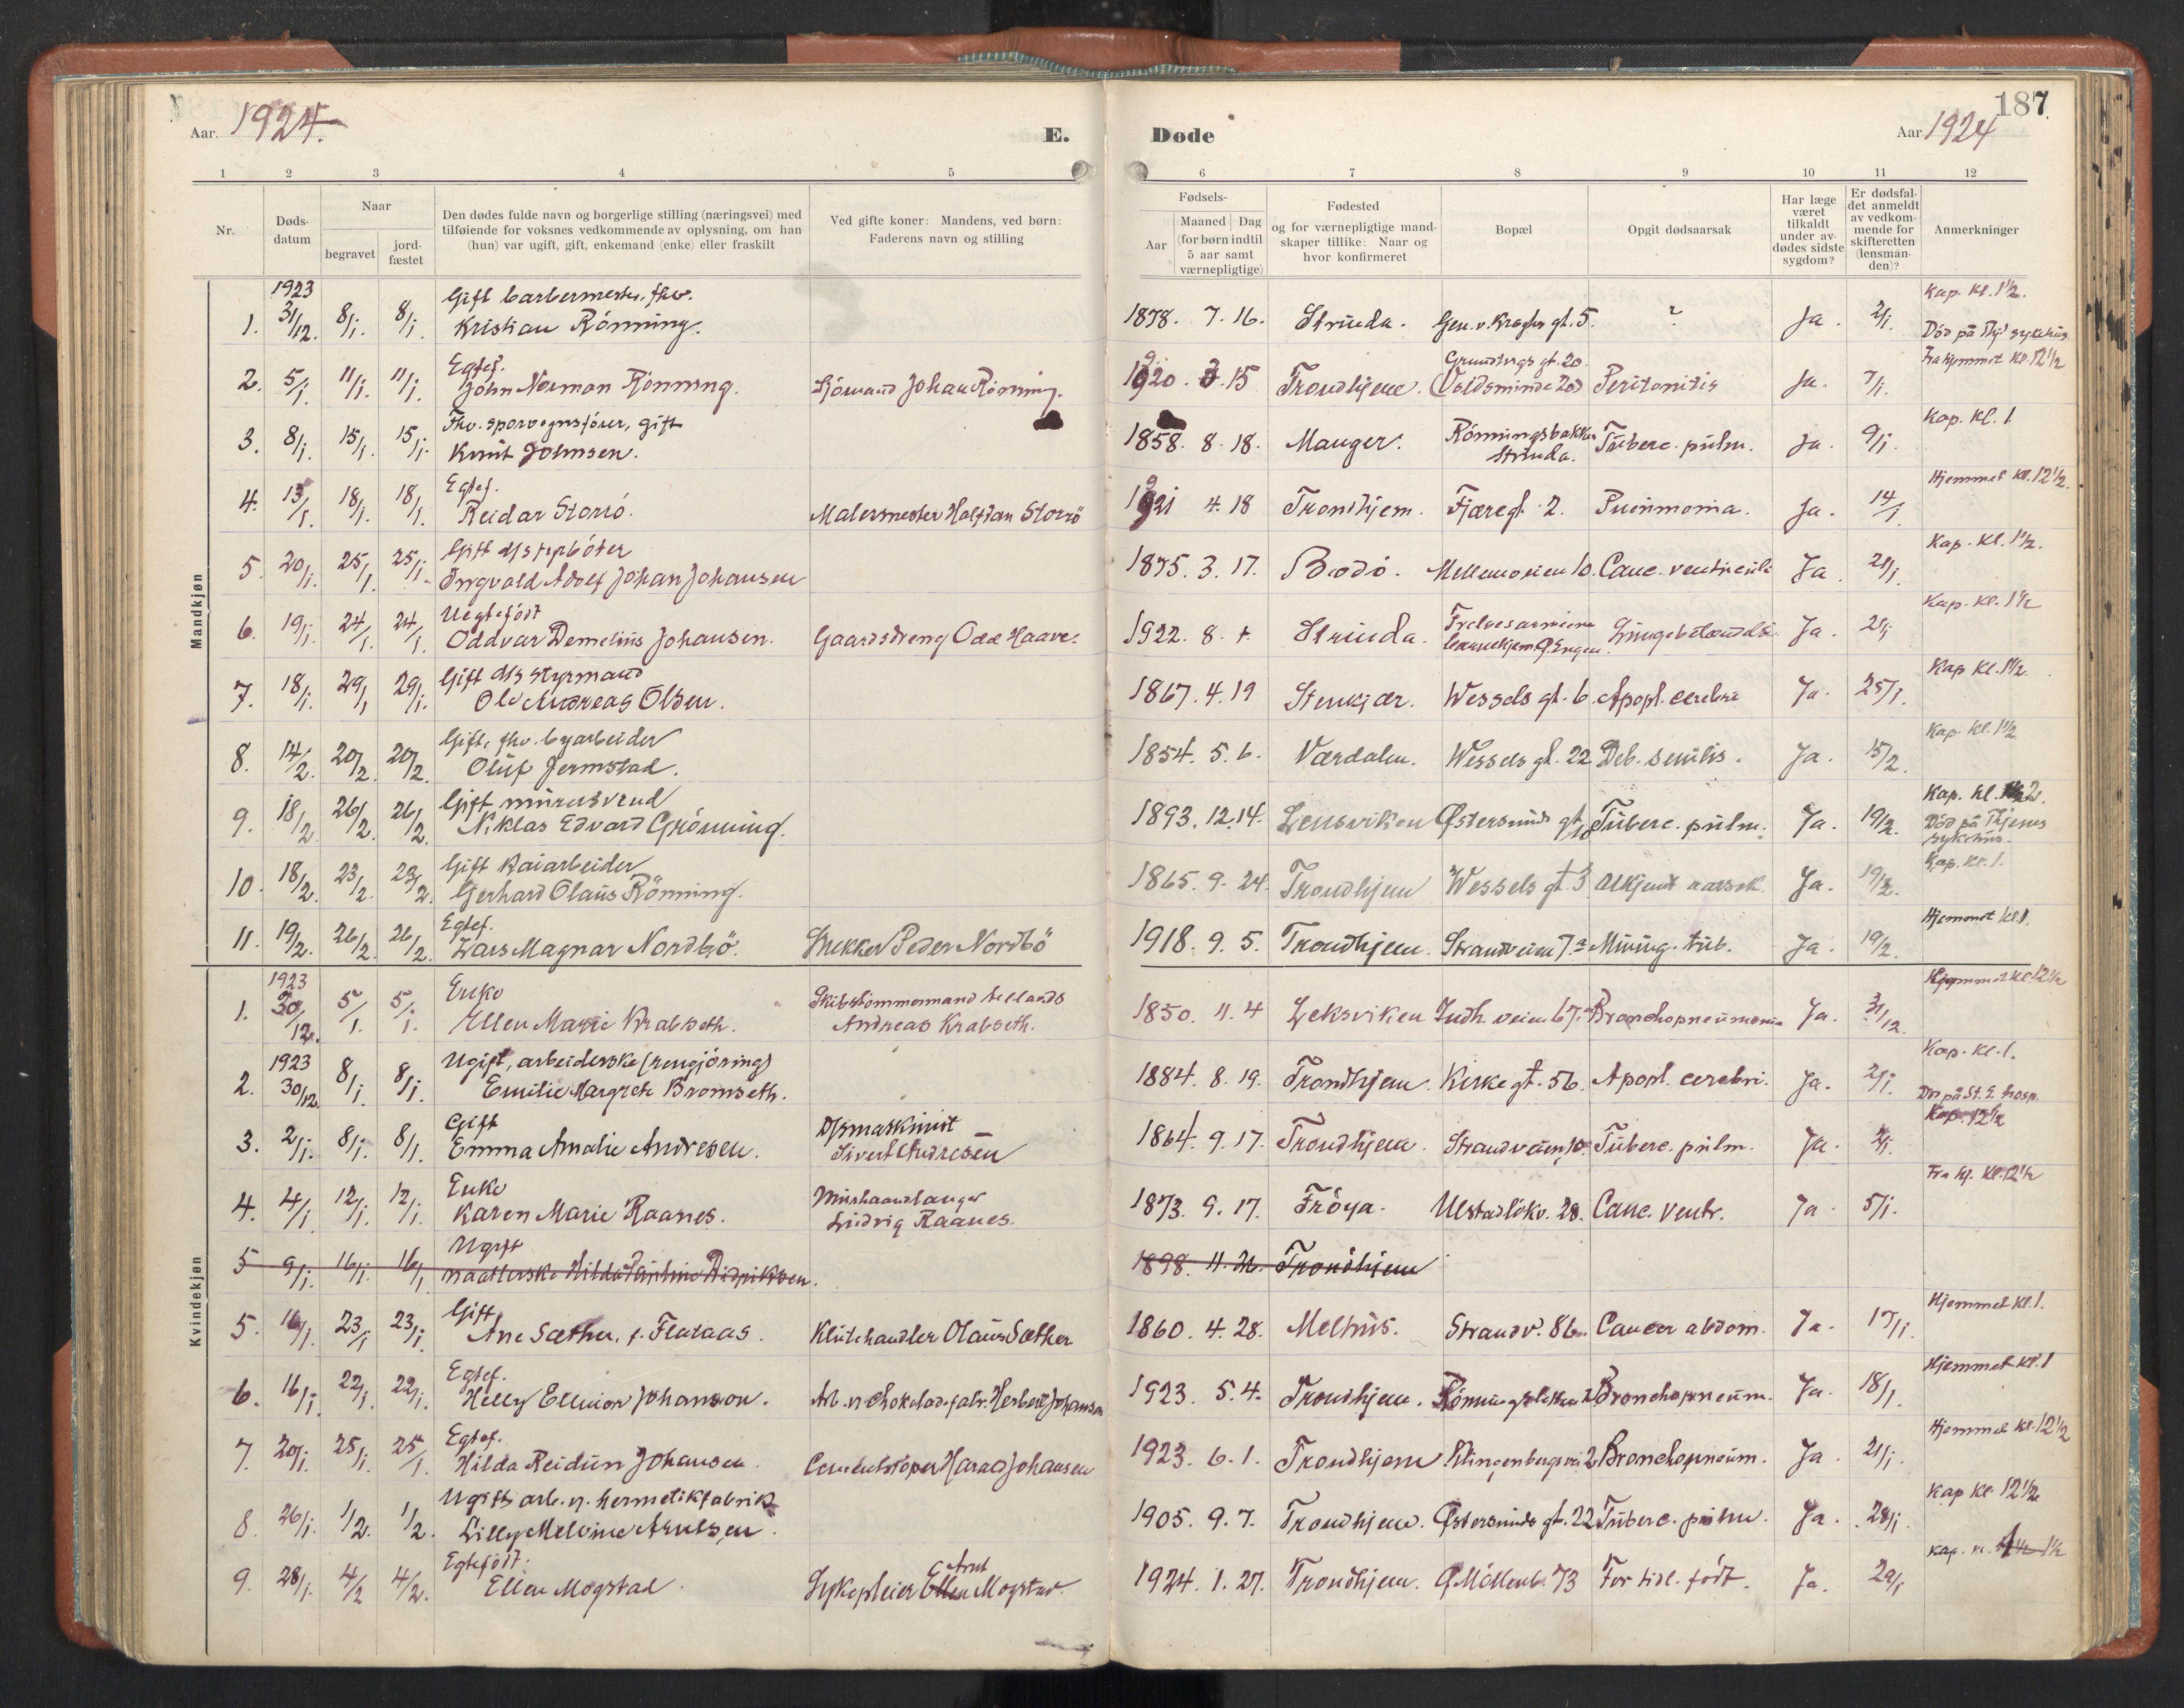 SAT, Ministerialprotokoller, klokkerbøker og fødselsregistre - Sør-Trøndelag, 605/L0245: Ministerialbok nr. 605A07, 1916-1938, s. 187